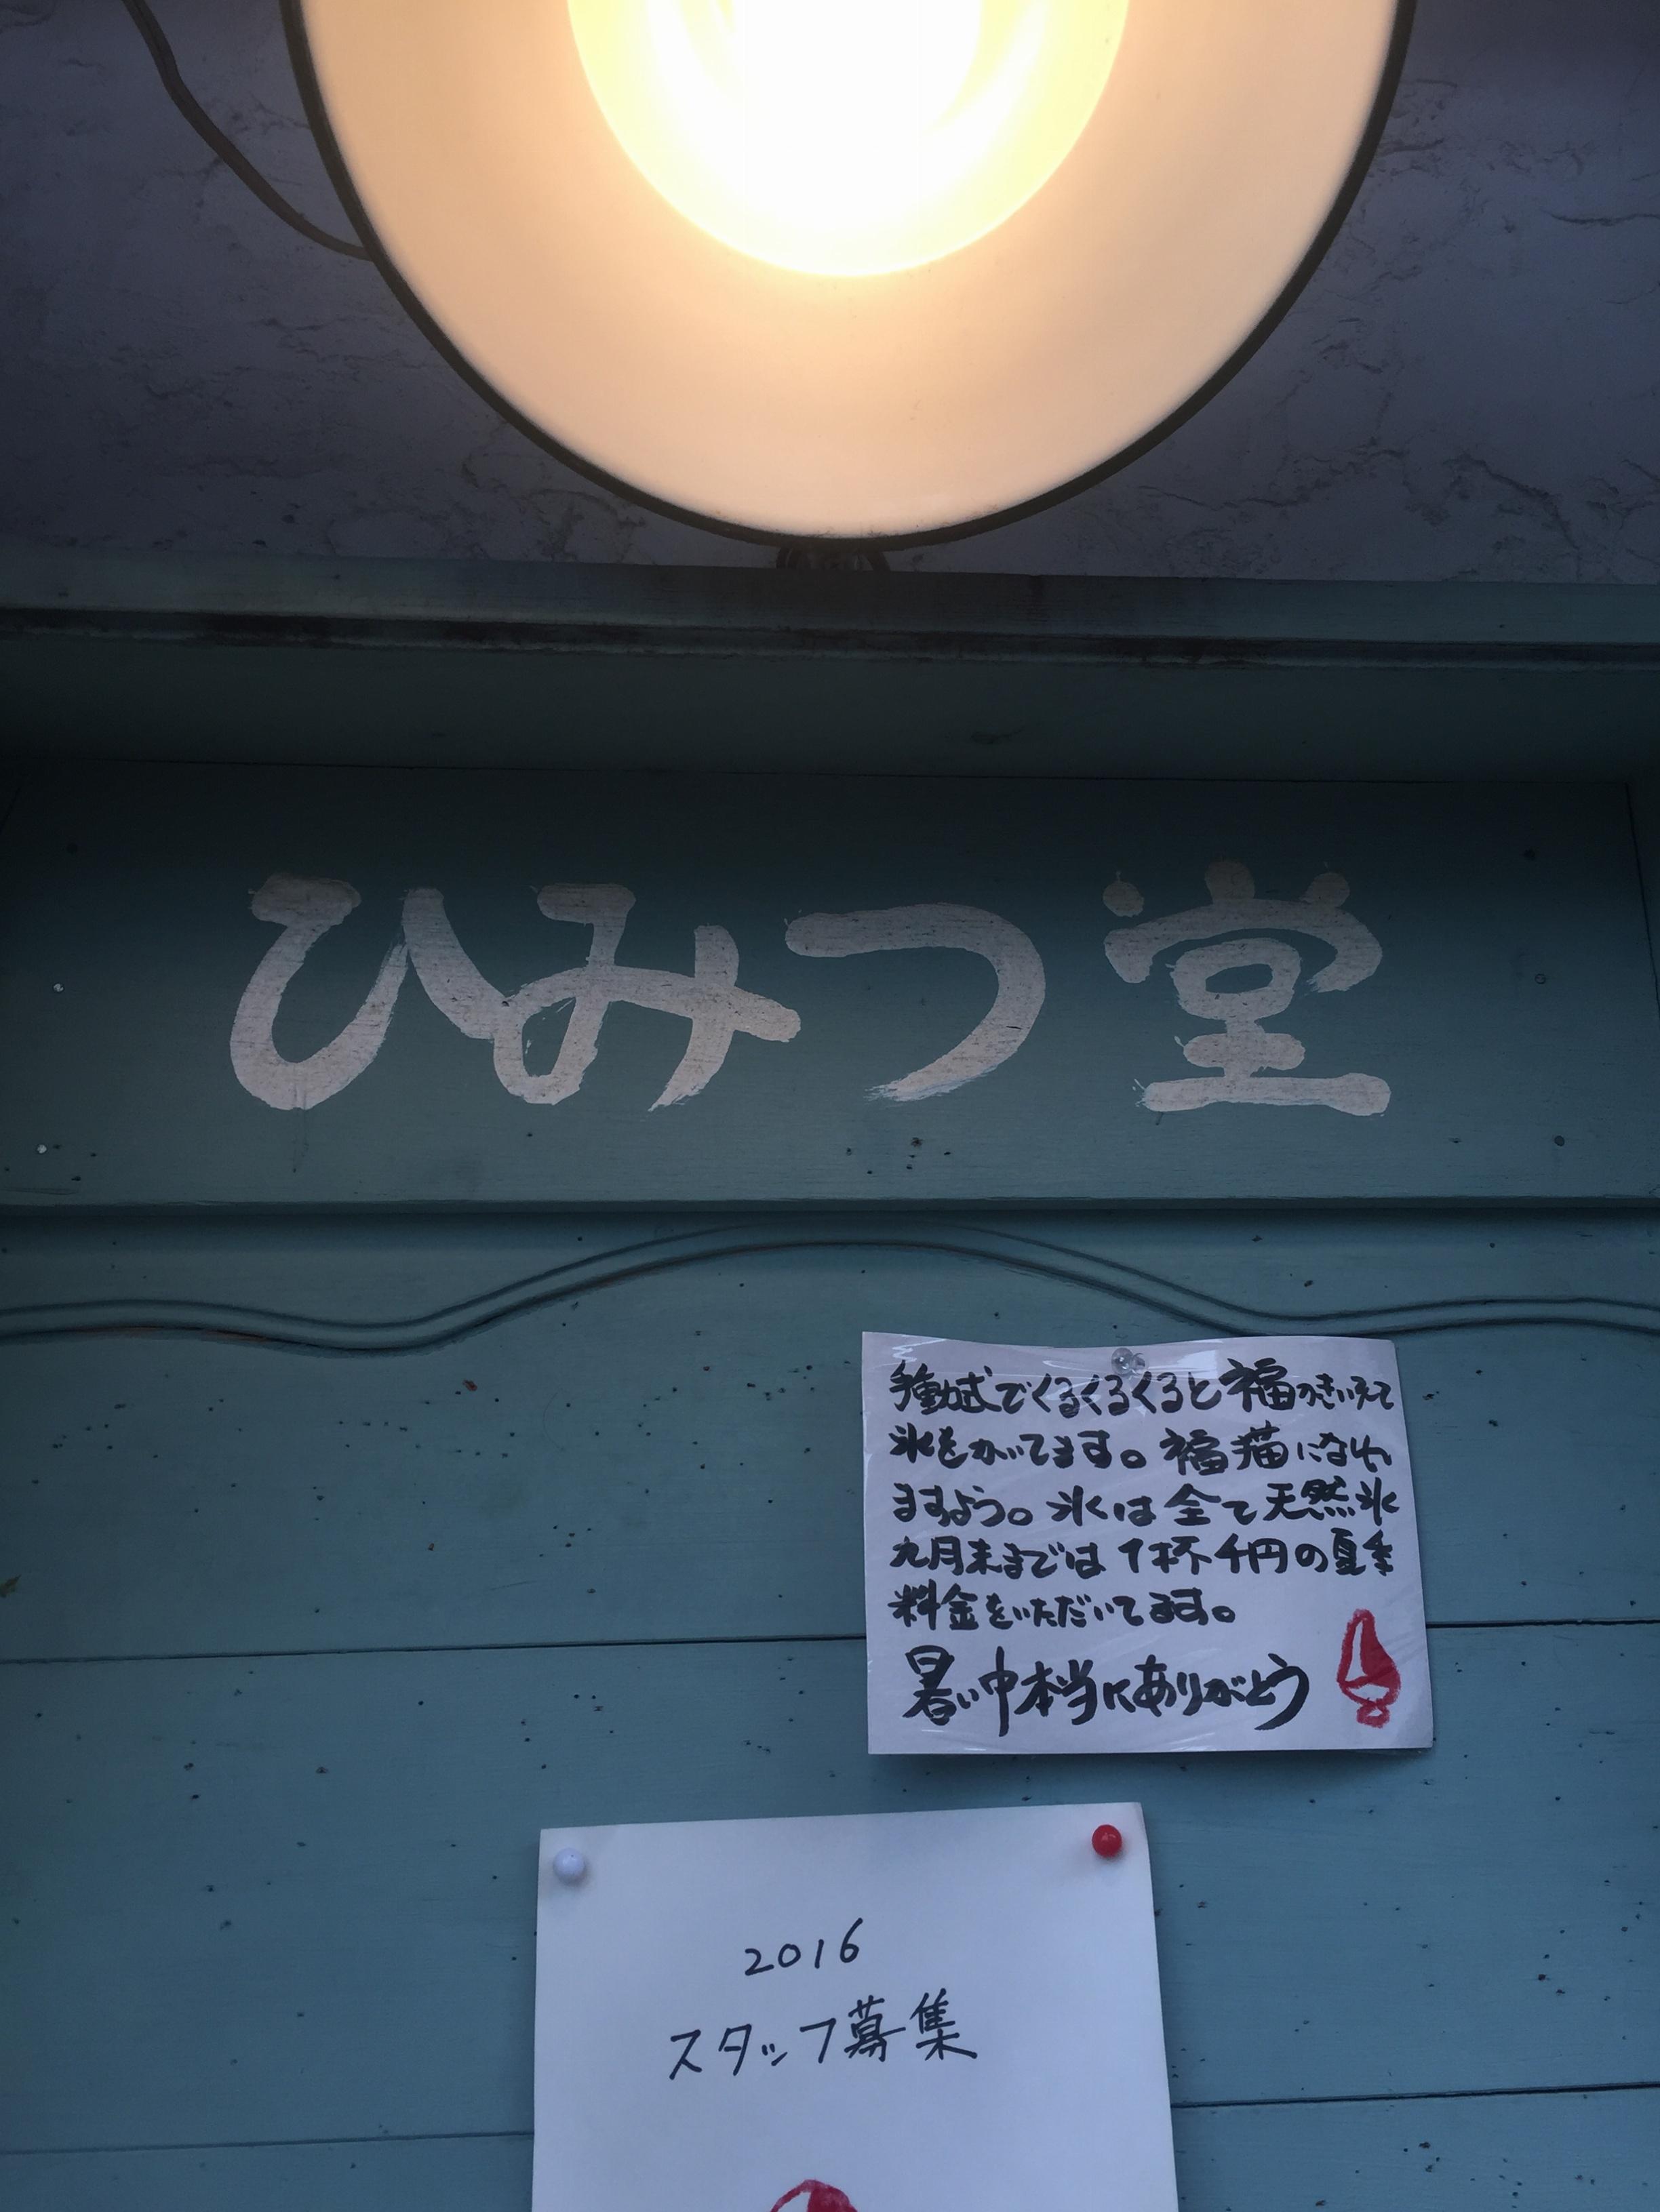 【ひみつ堂のカキ氷】平日朝一で並んで◯分待ち_1